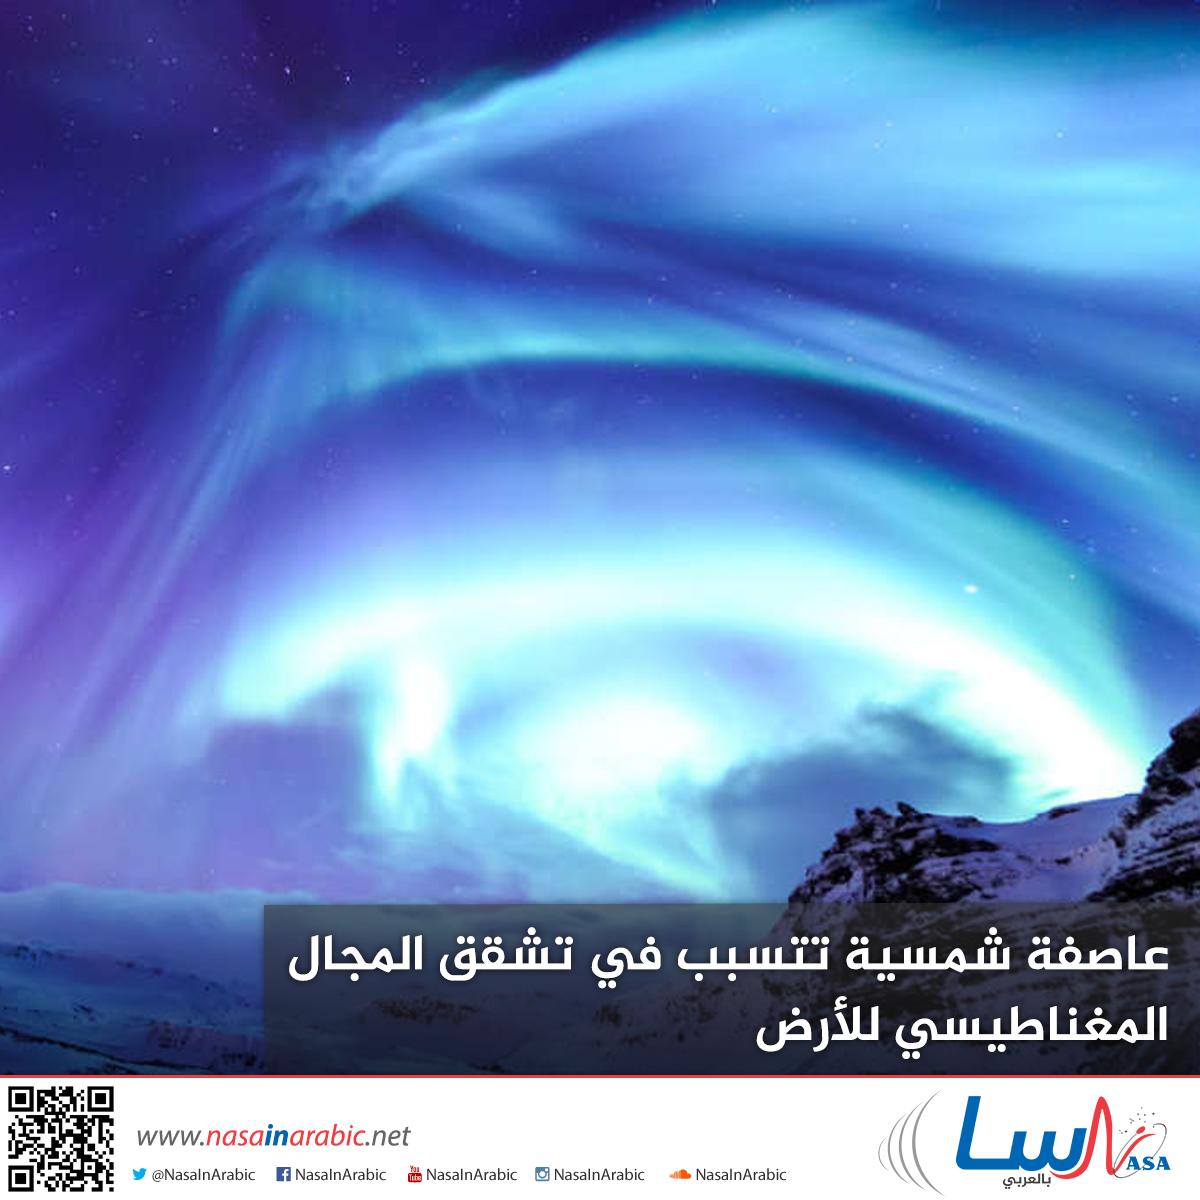 عاصفة شمسية تتسبب في تشقق المجال المغناطيسي للأرض